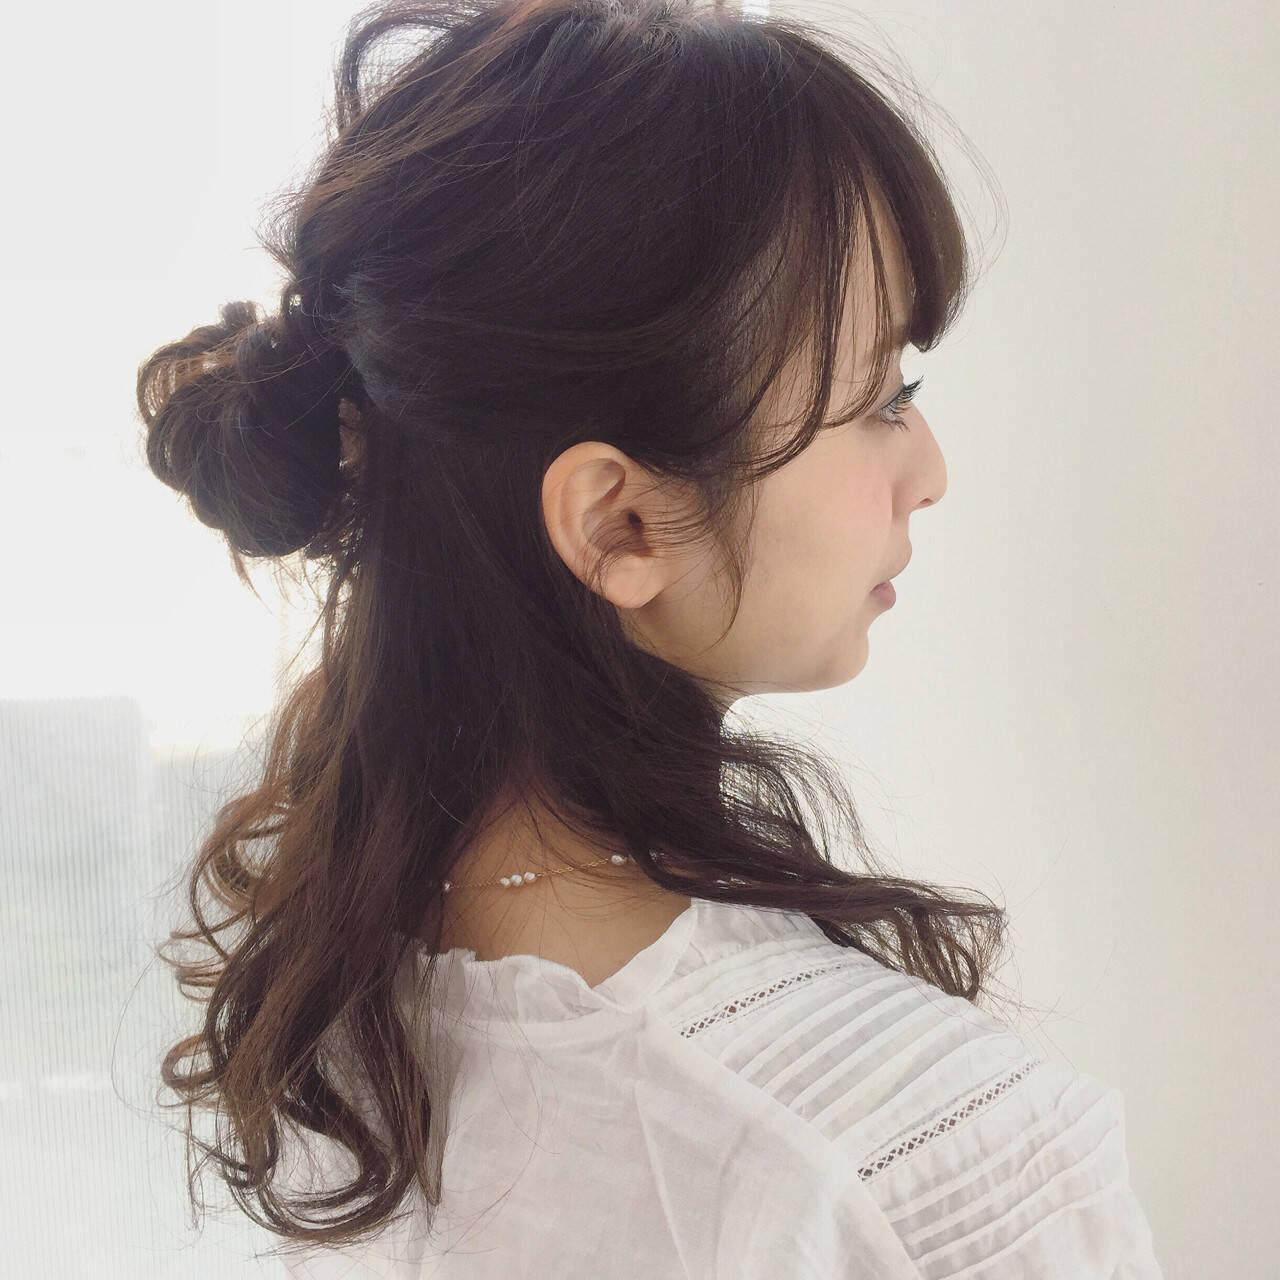 アップスタイル ルーズ ハーフアップ フェミニンヘアスタイルや髪型の写真・画像